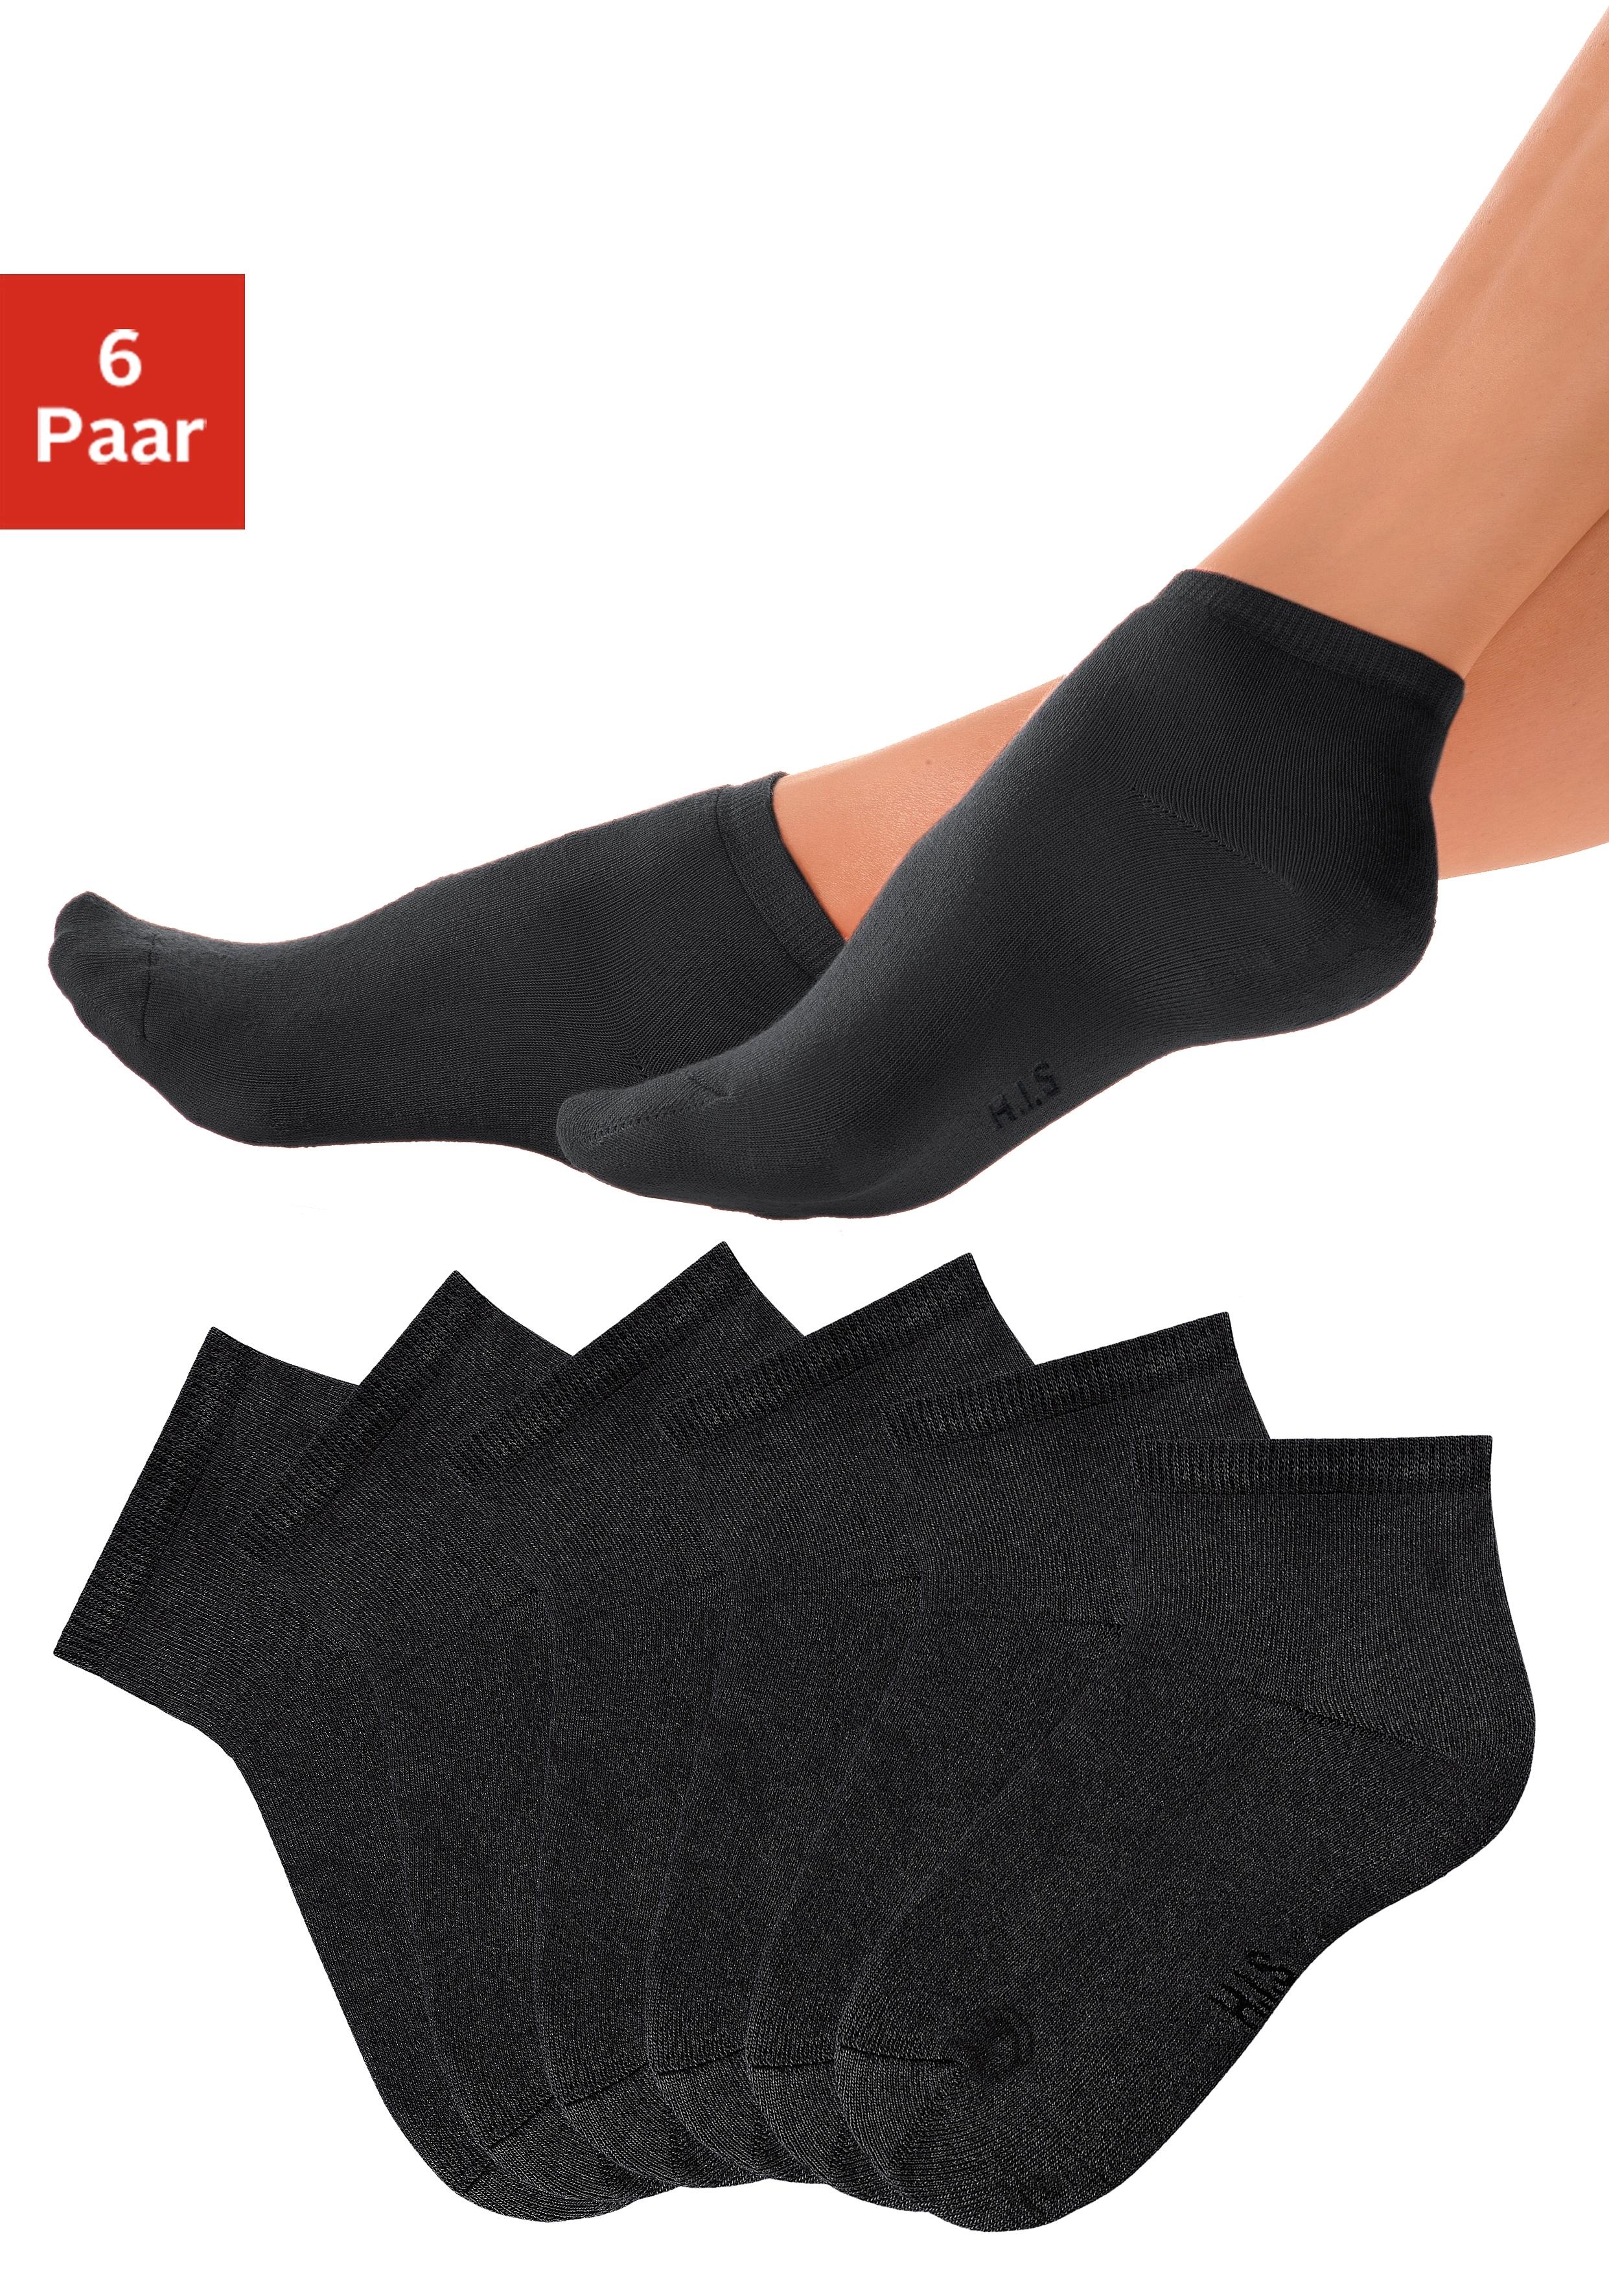 H.I.S korte sokken met heerlijk zachte frottébinnenkant (6 paar) - verschillende betaalmethodes